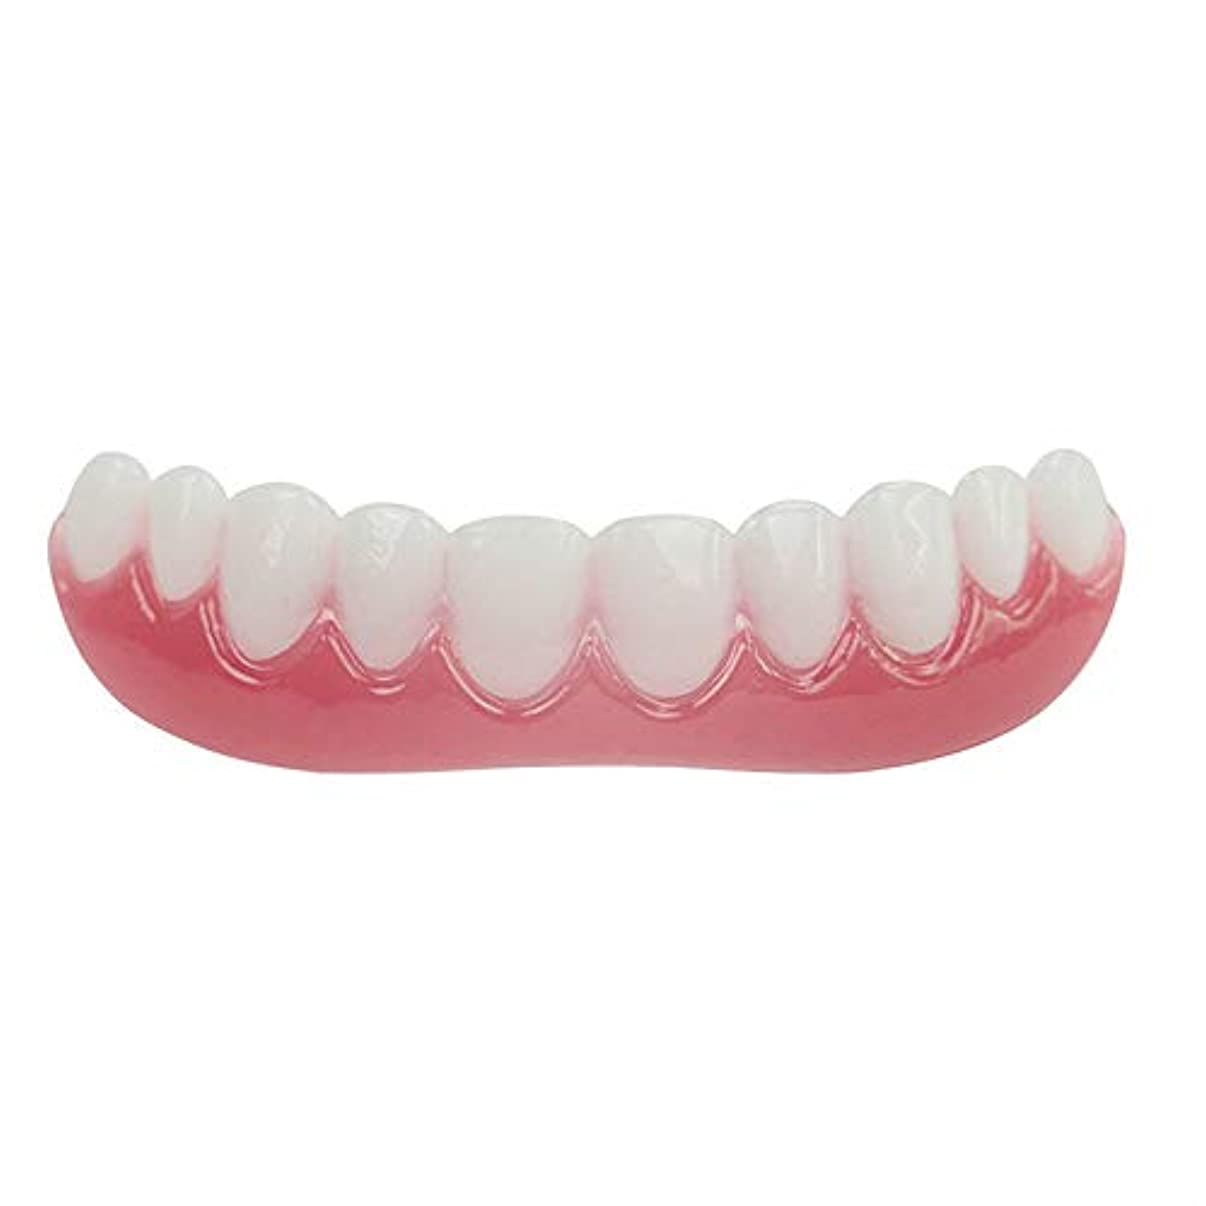 メアリアンジョーンズ文明虐殺シリコンシミュレーション義歯、歯科用ベニヤホワイトトゥースセット(1個),Boxed,Lower